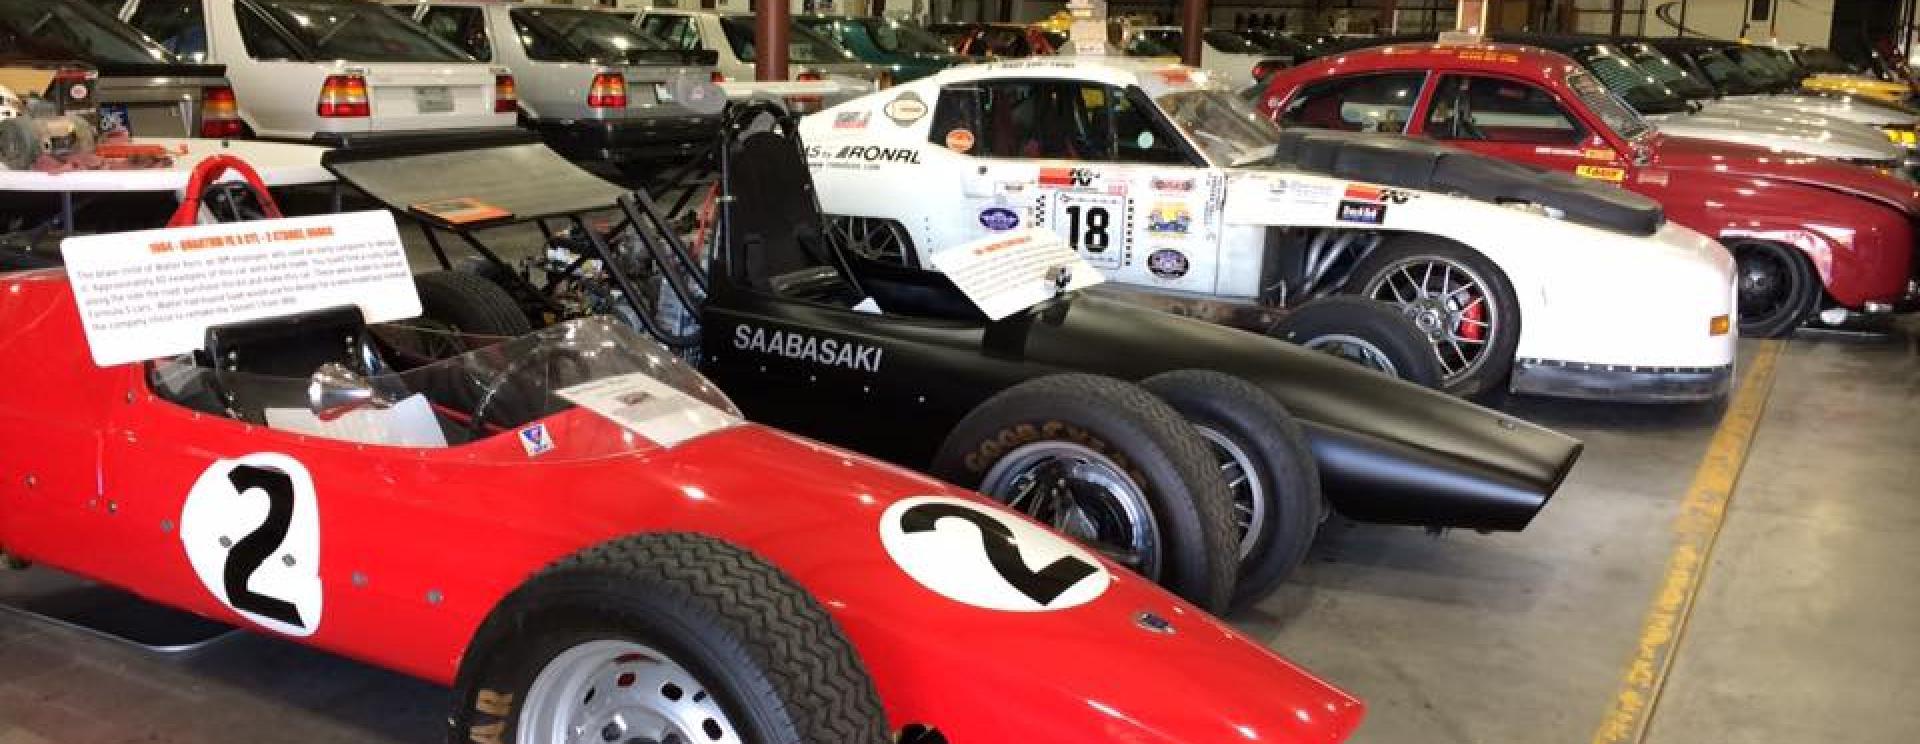 Sturgis Car Museum